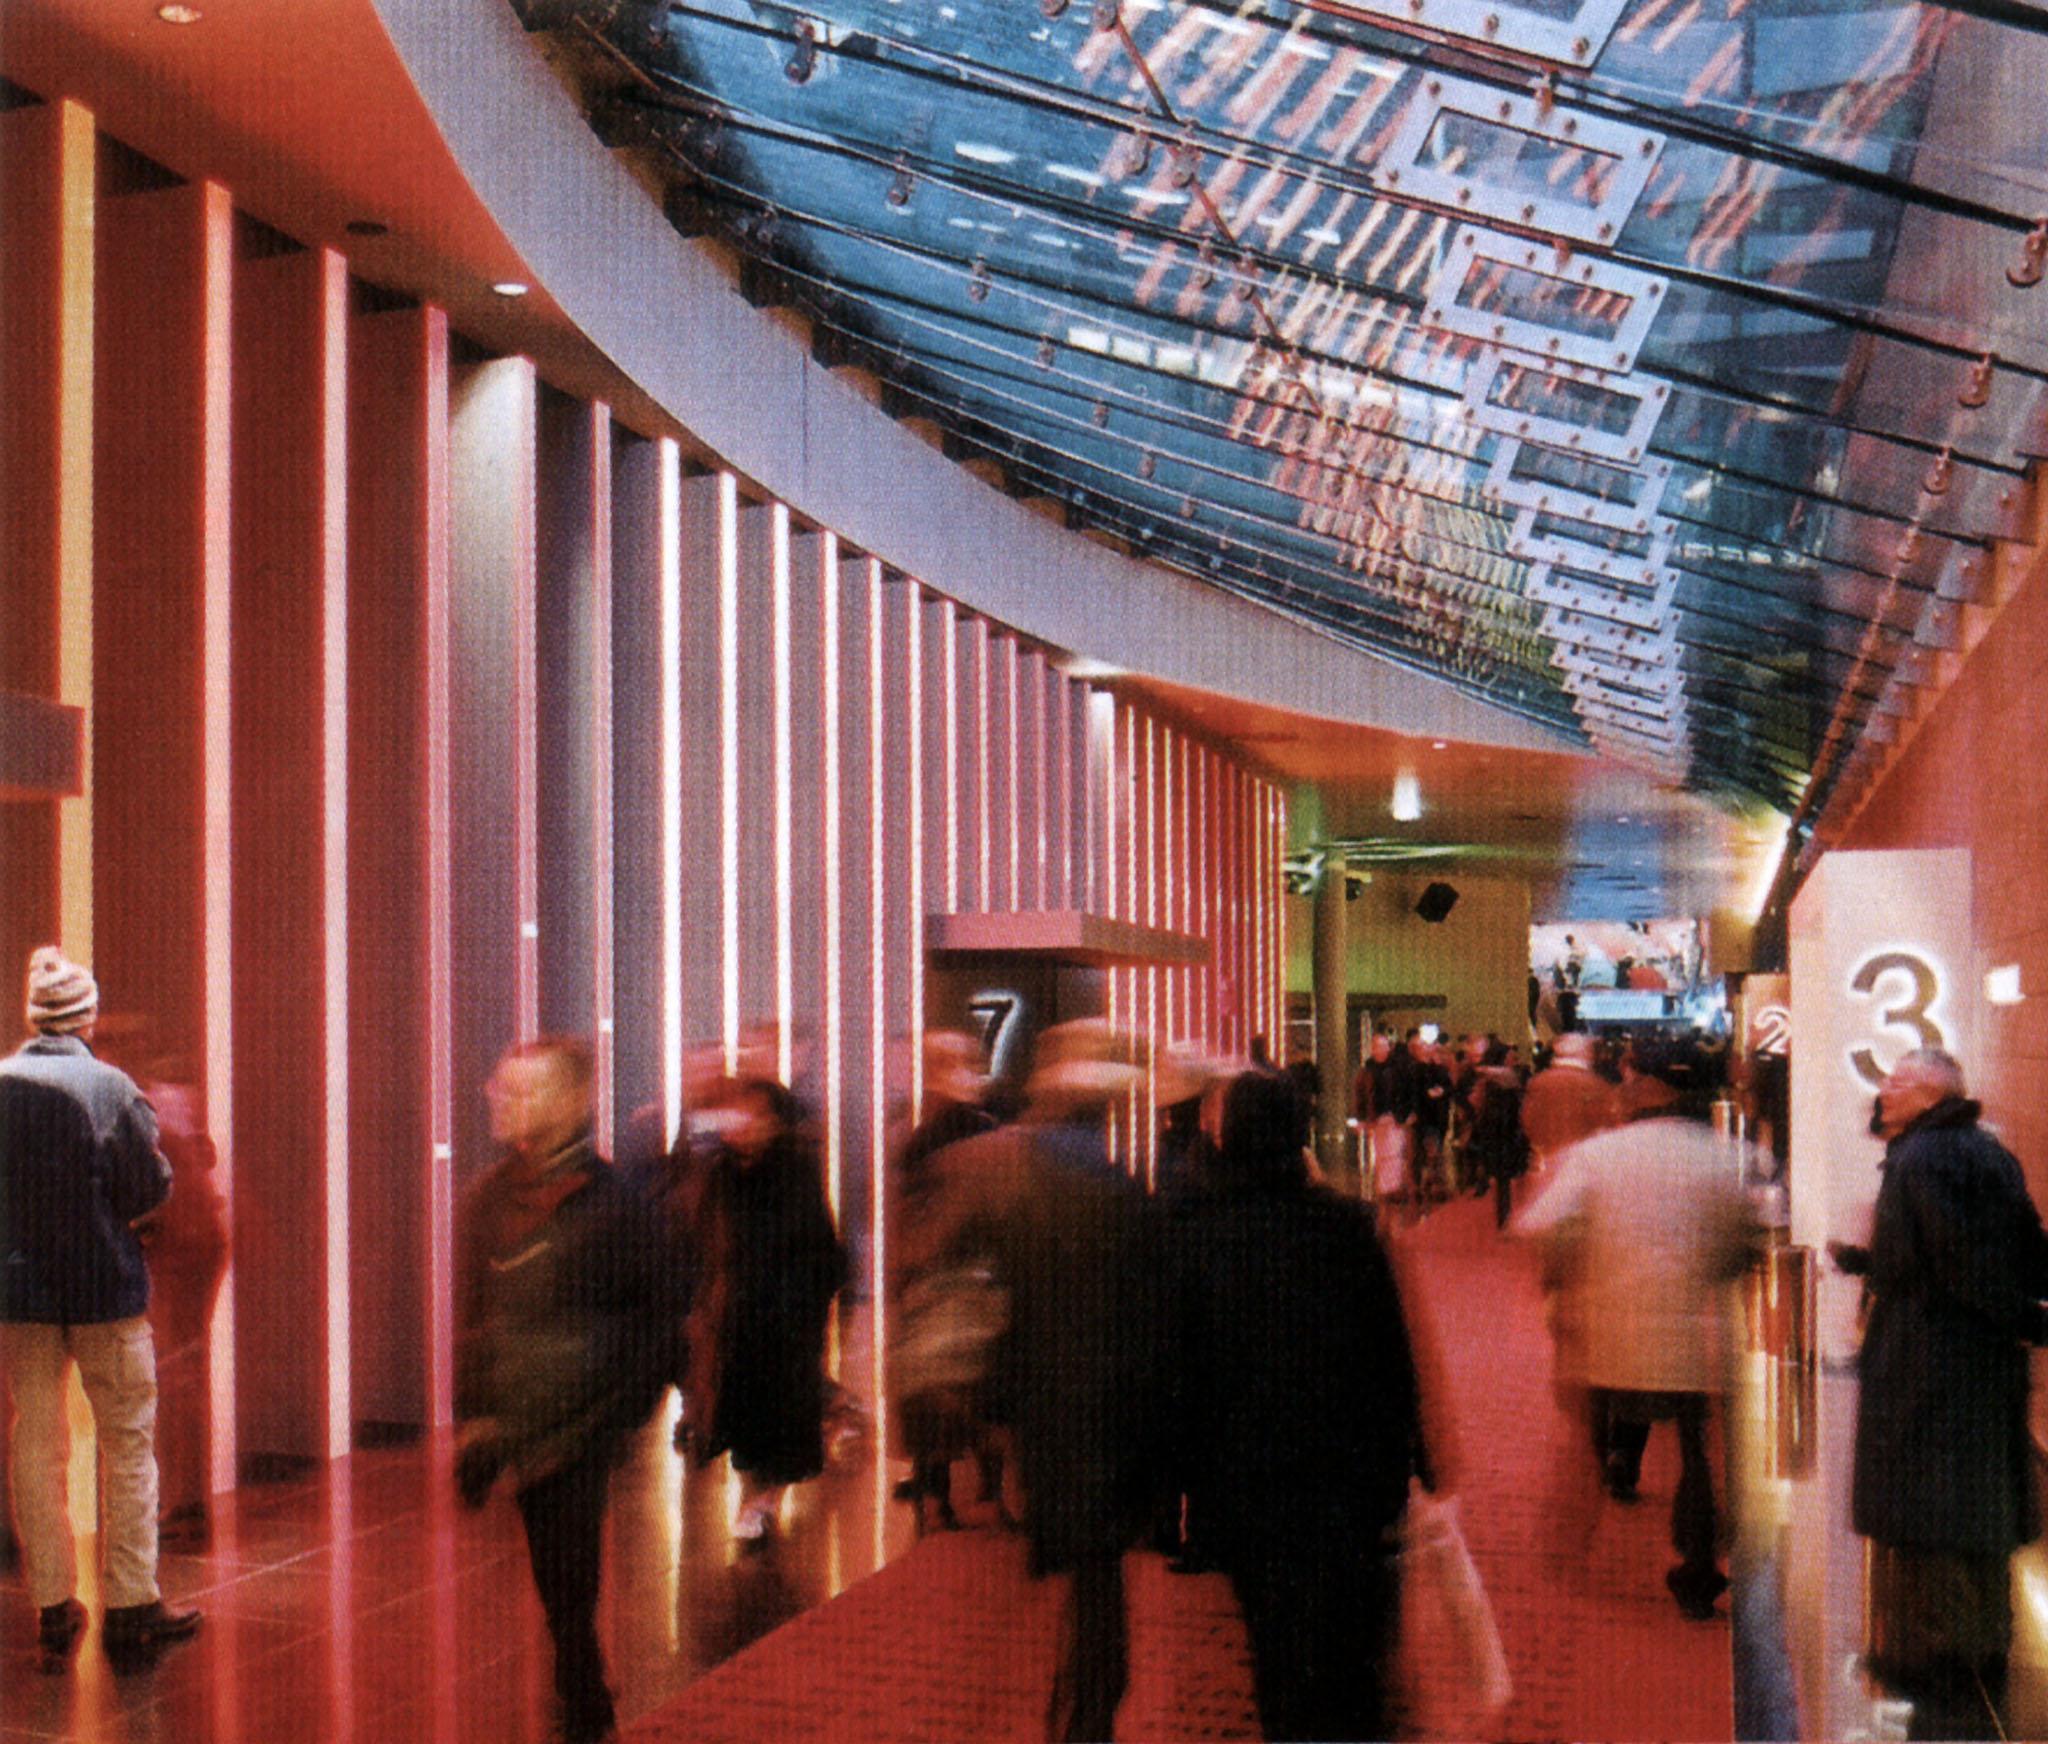 Sony-Center Kino, Potsdamer Platz 2